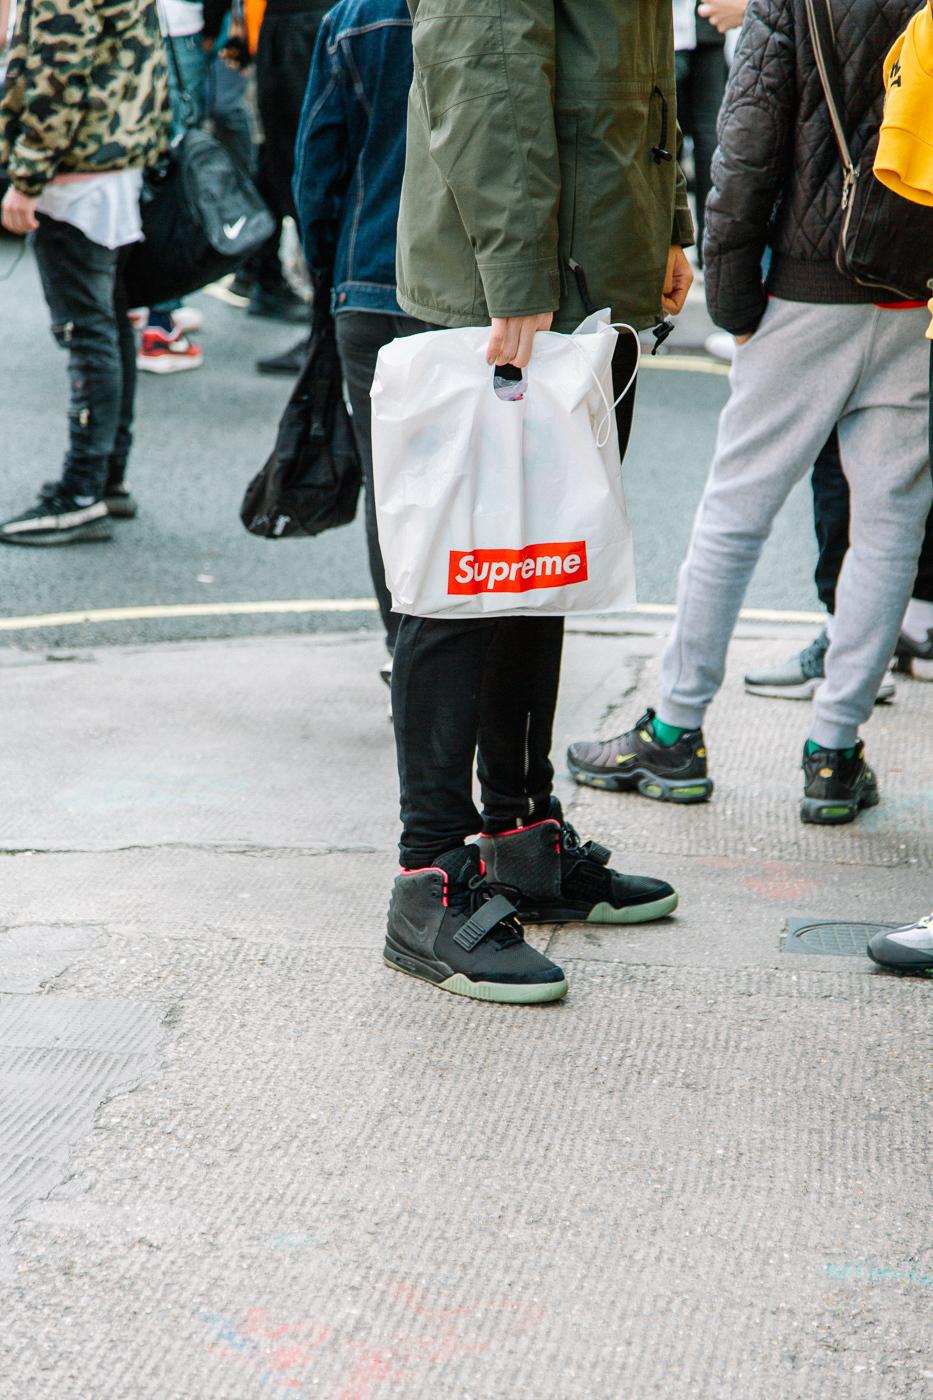 Supreme, pop up, drop, fashion, streetwear